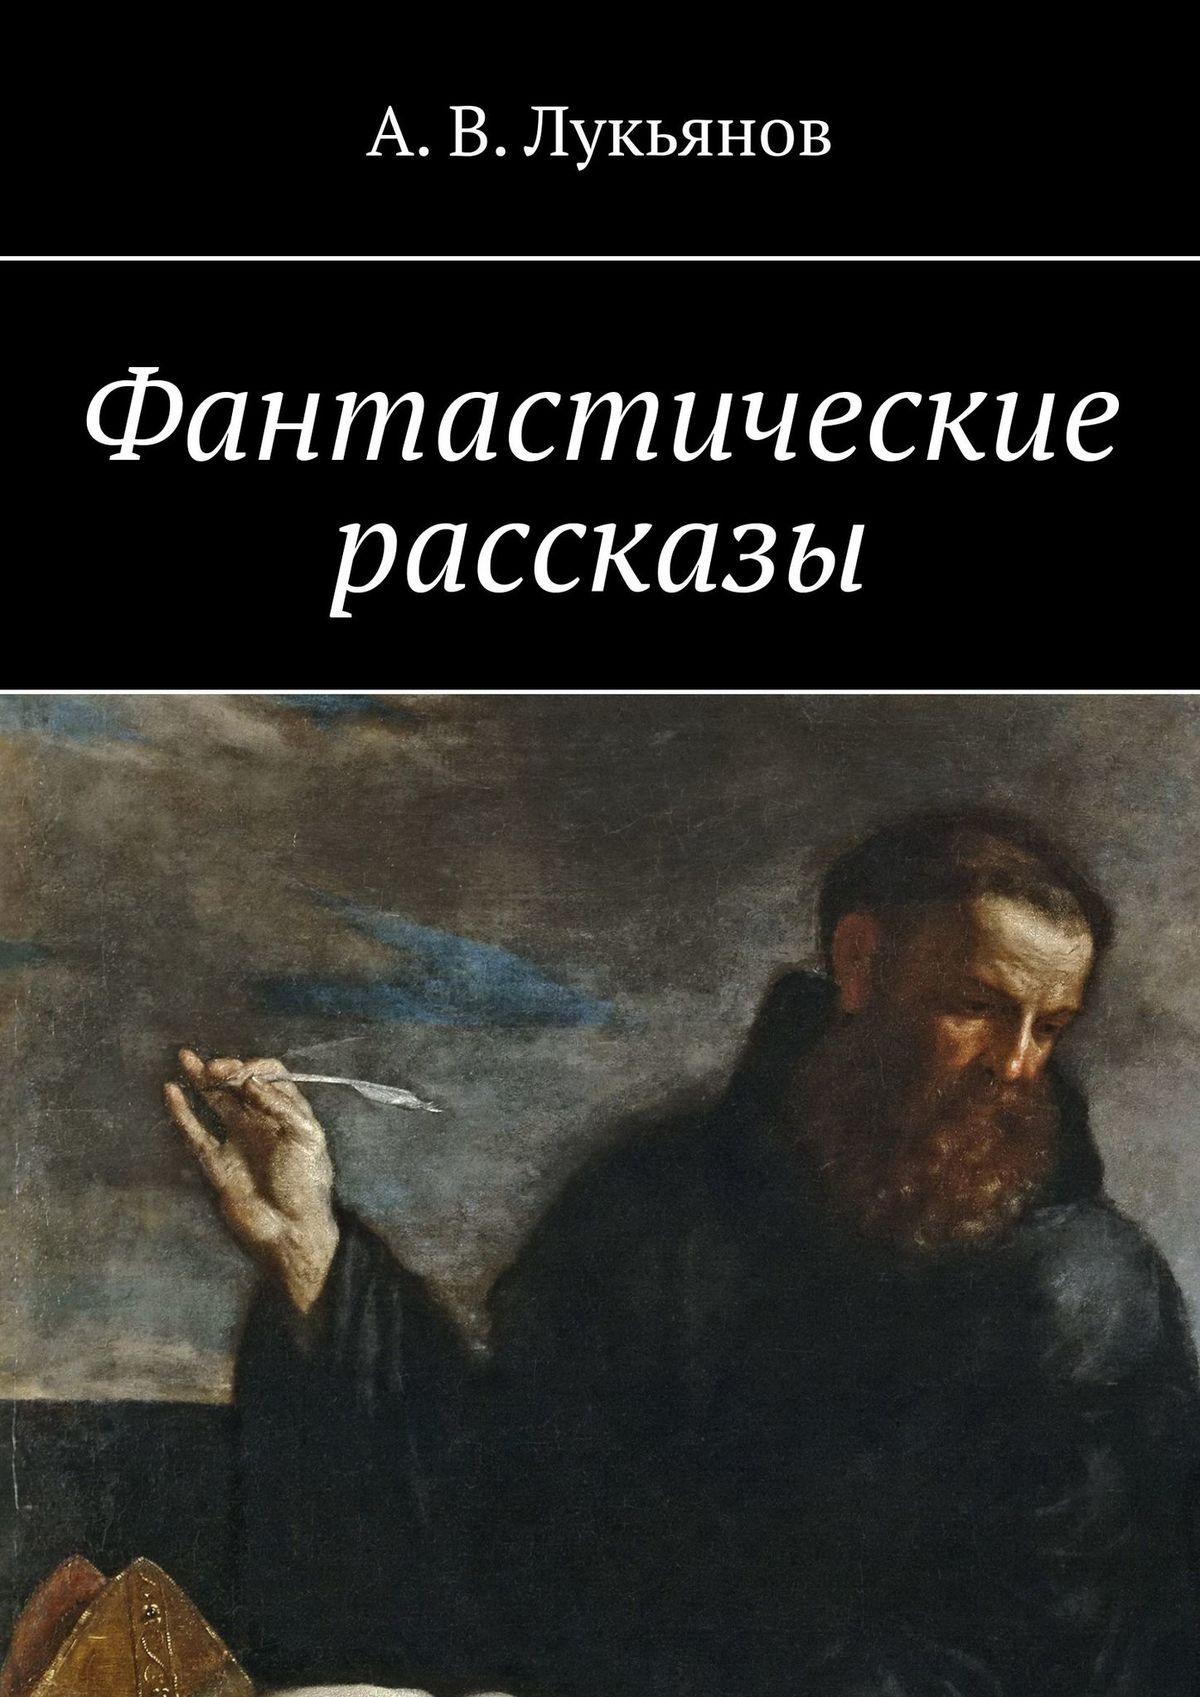 А. В. Лукьянов Сборник фантастических рассказов цены онлайн